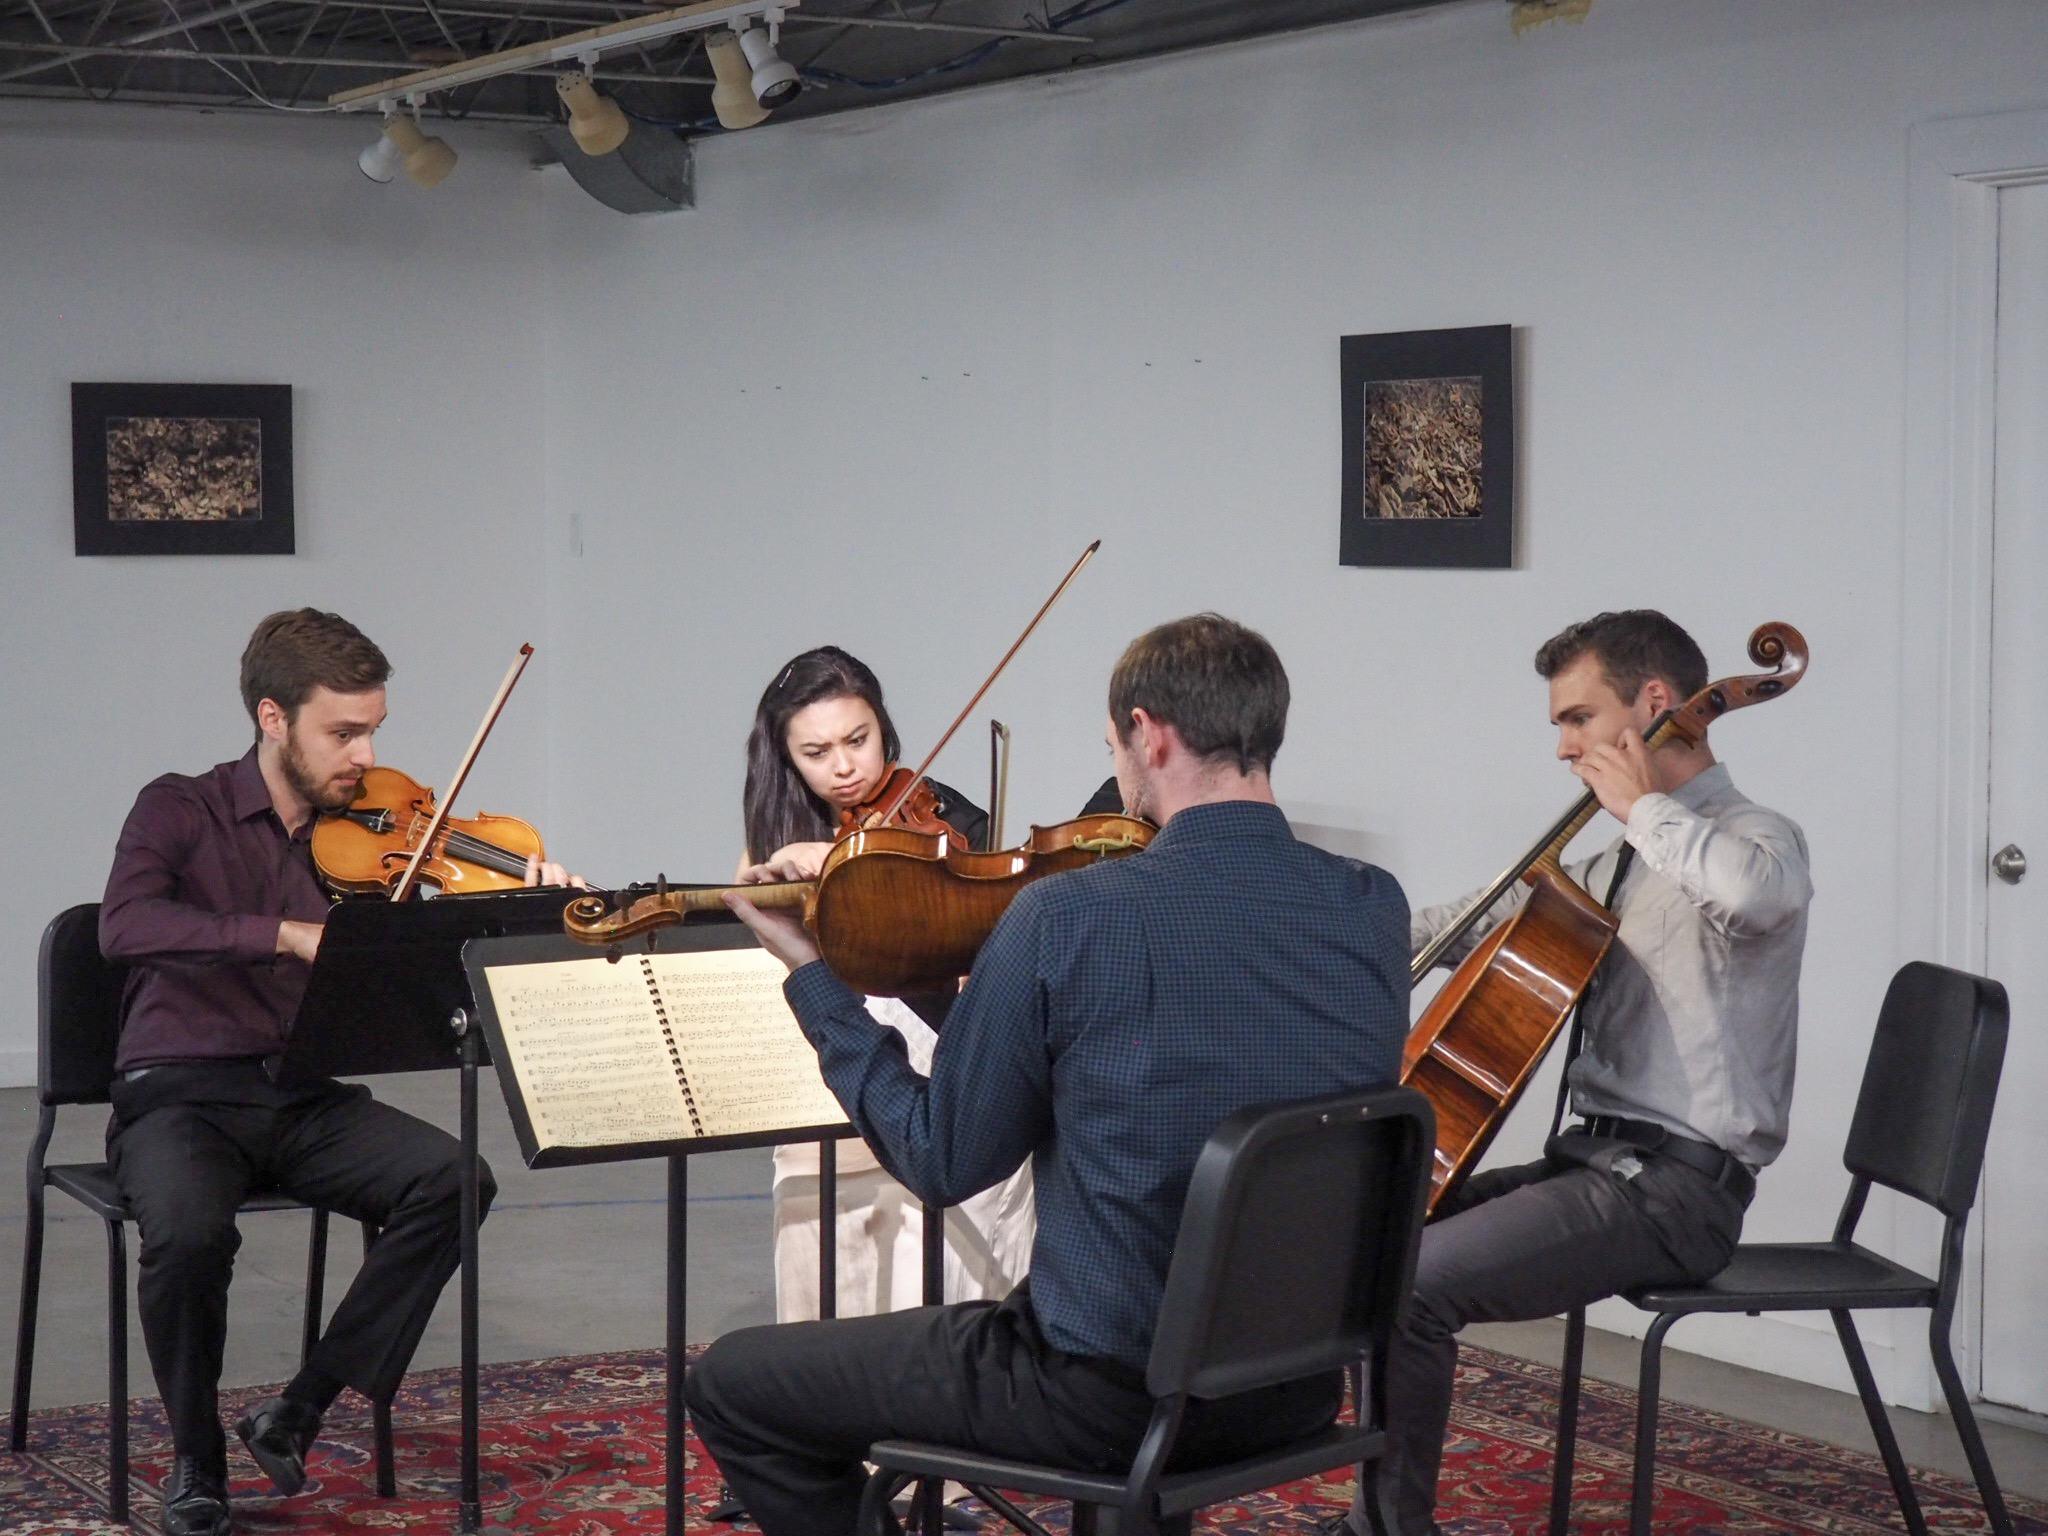 Chamber music at Imagine Art Gallery